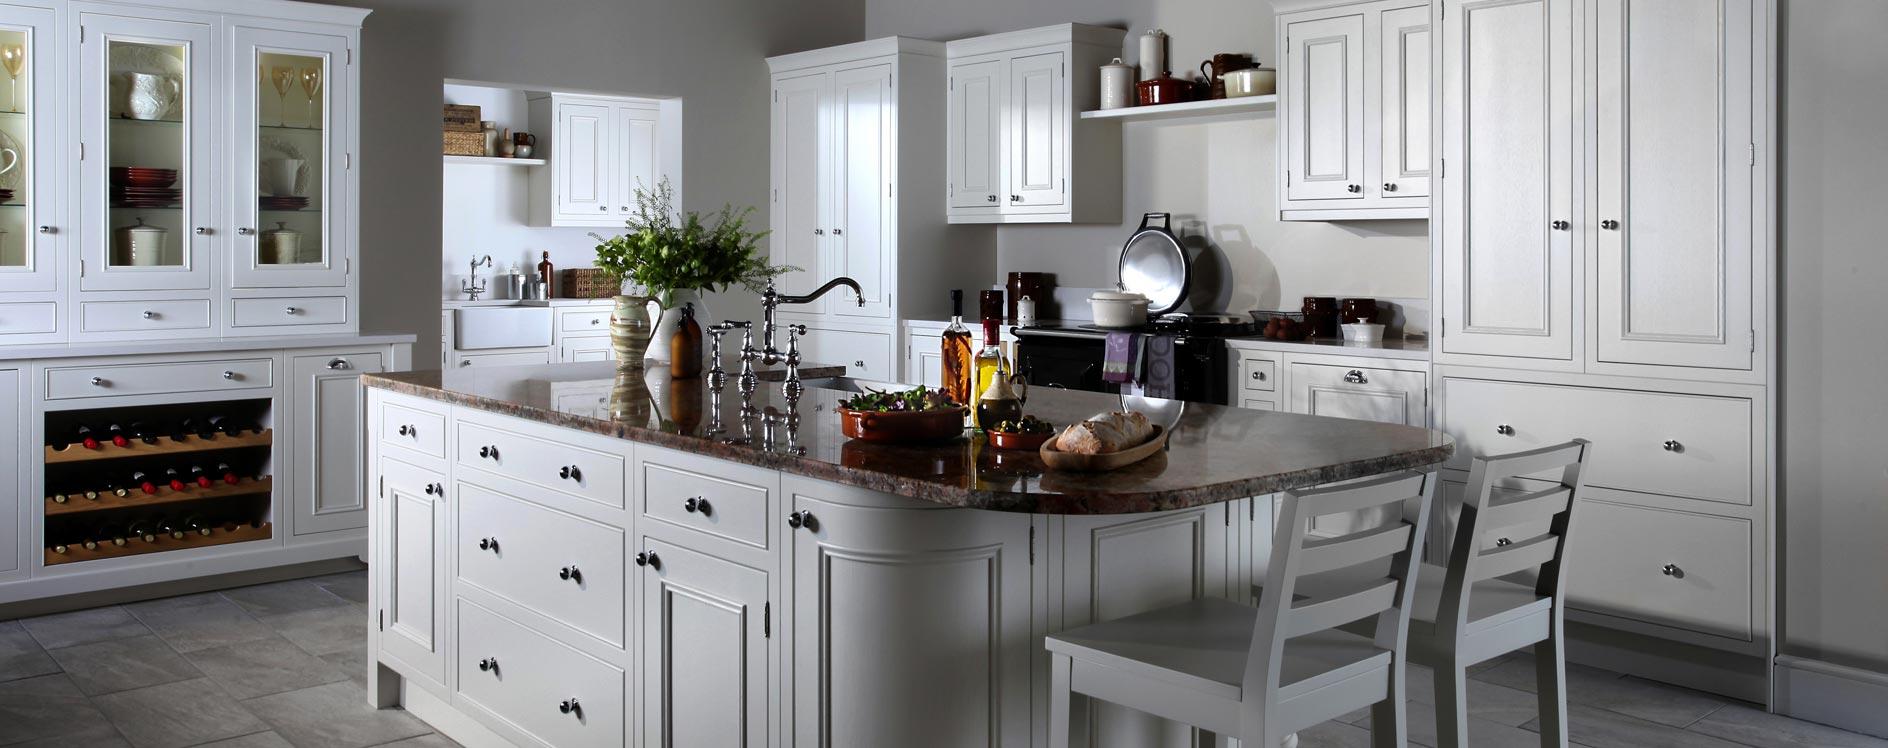 Burbidge Salcombe Painted Timber Kitchen